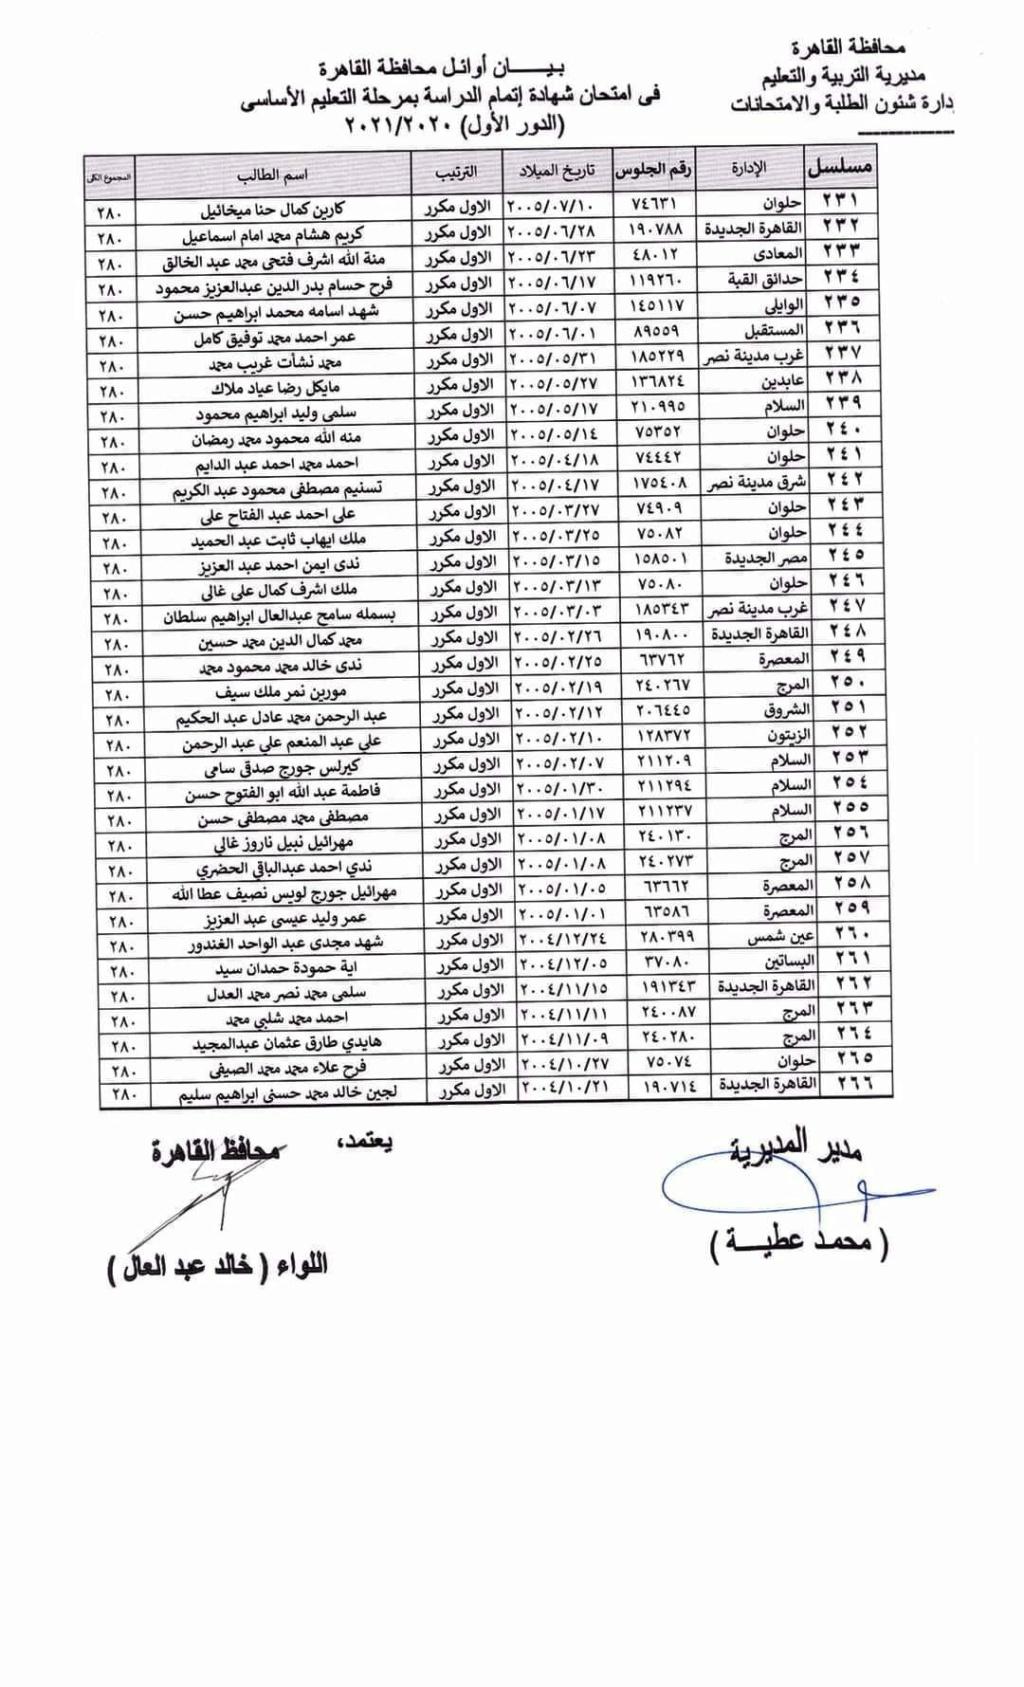 نتيجة الشهادة الإعدادية 2021 محافظة القاهرة 231101